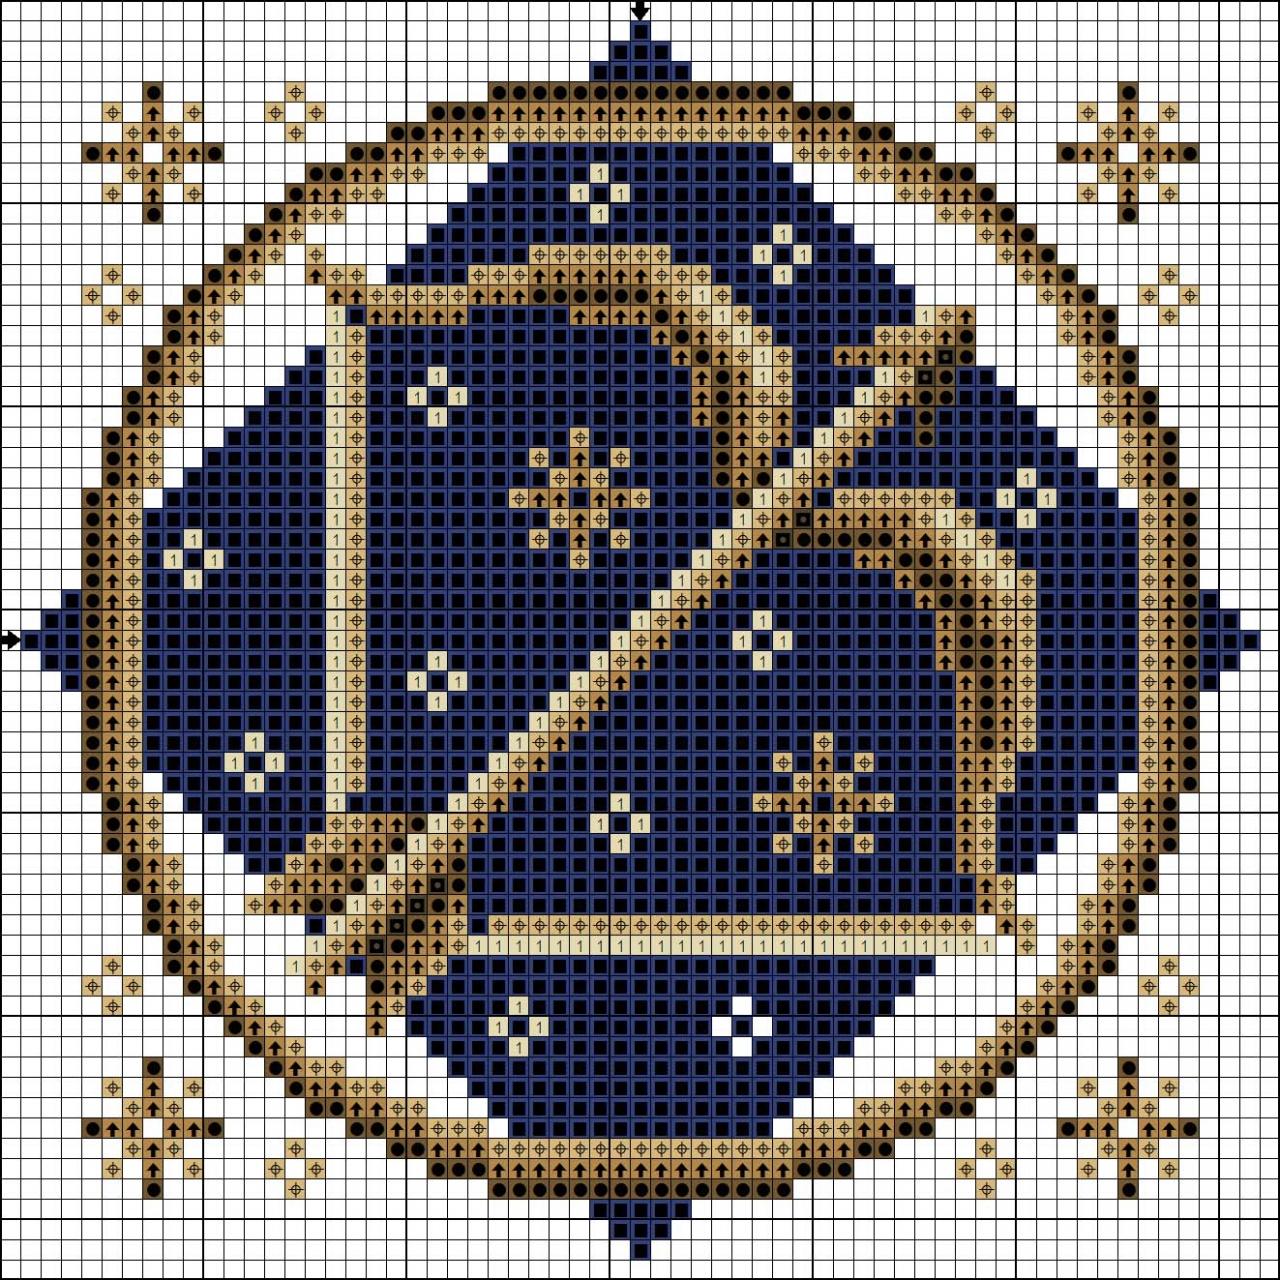 Вышивка знаки зодиака схема скачать бесплатно